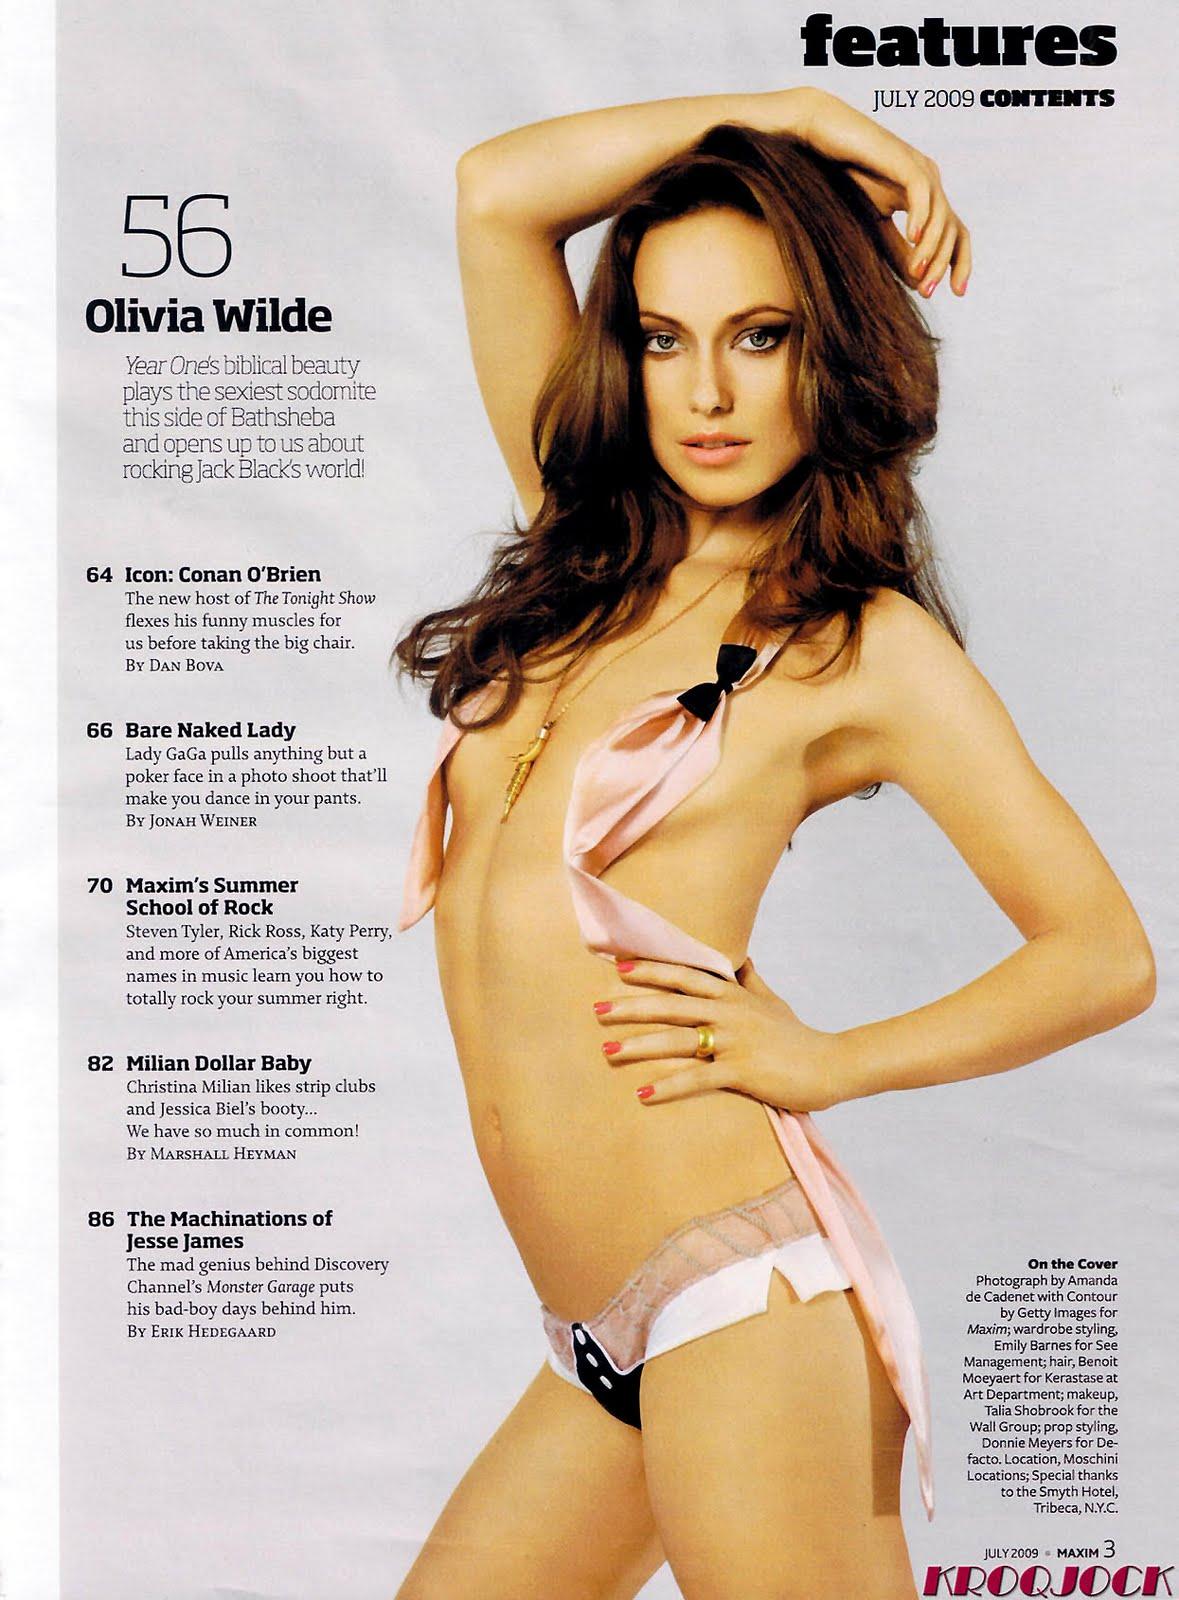 http://3.bp.blogspot.com/-c5GzxP9Szyc/TfC0iMXJFaI/AAAAAAAAAaA/iq1s-lyjuHs/s1600/olivia_wilde_maxim_magazine_7.jpg